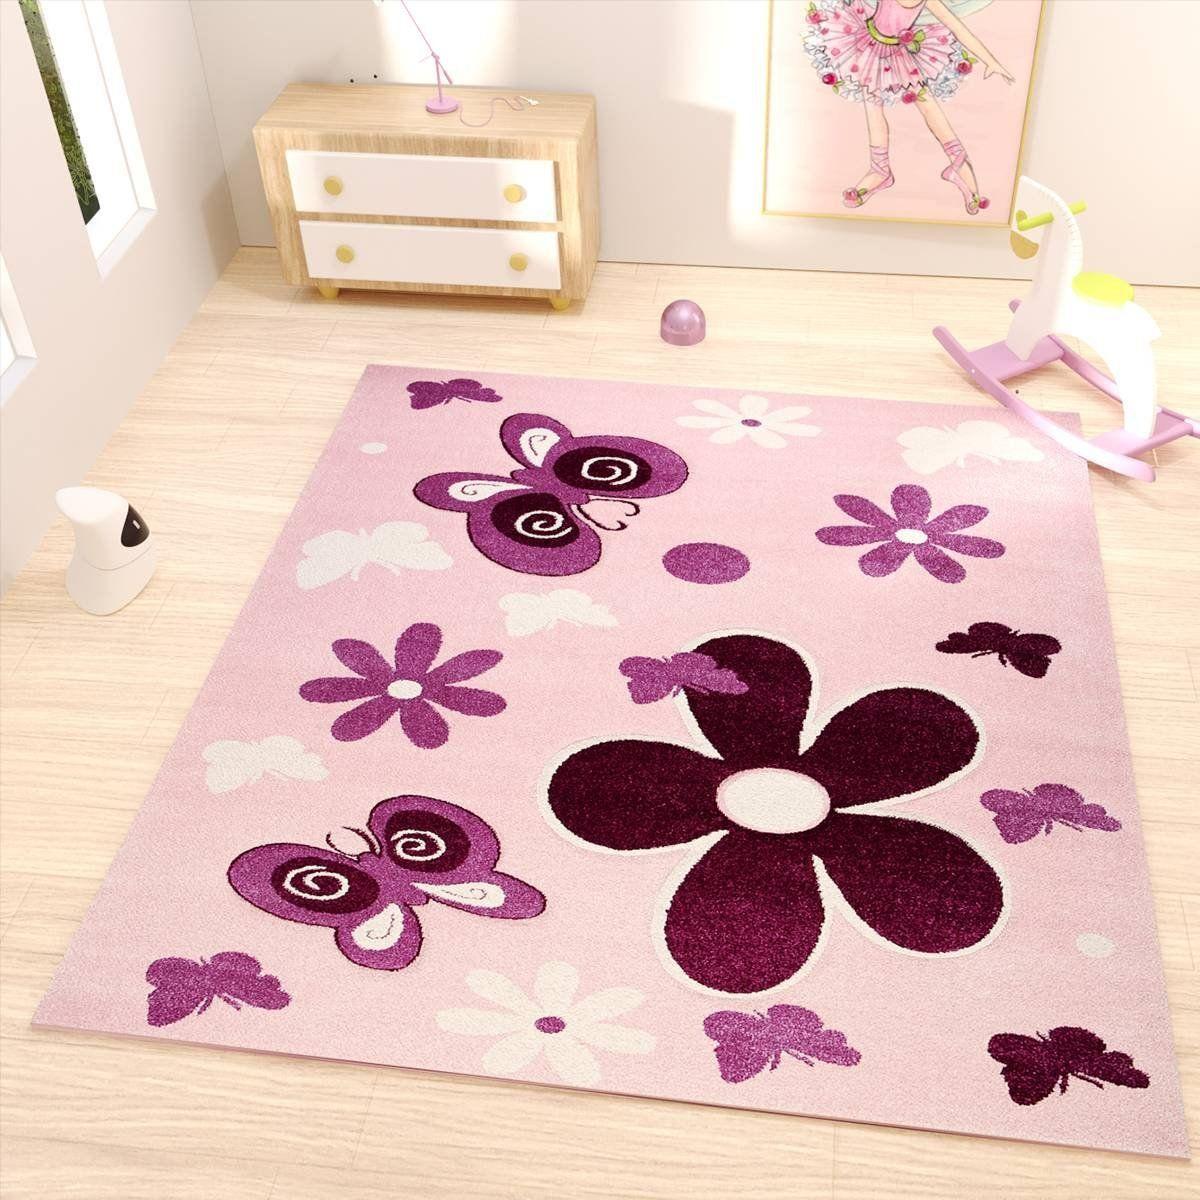 Kinderzimmer Teppich Modern Pink Lila Flauschig Blumen Schmetterlinge Konturenschnitt Geprüft Von Ökotex Lila Teppich Teppich Kinderzimmer Lila Kinderzimmer